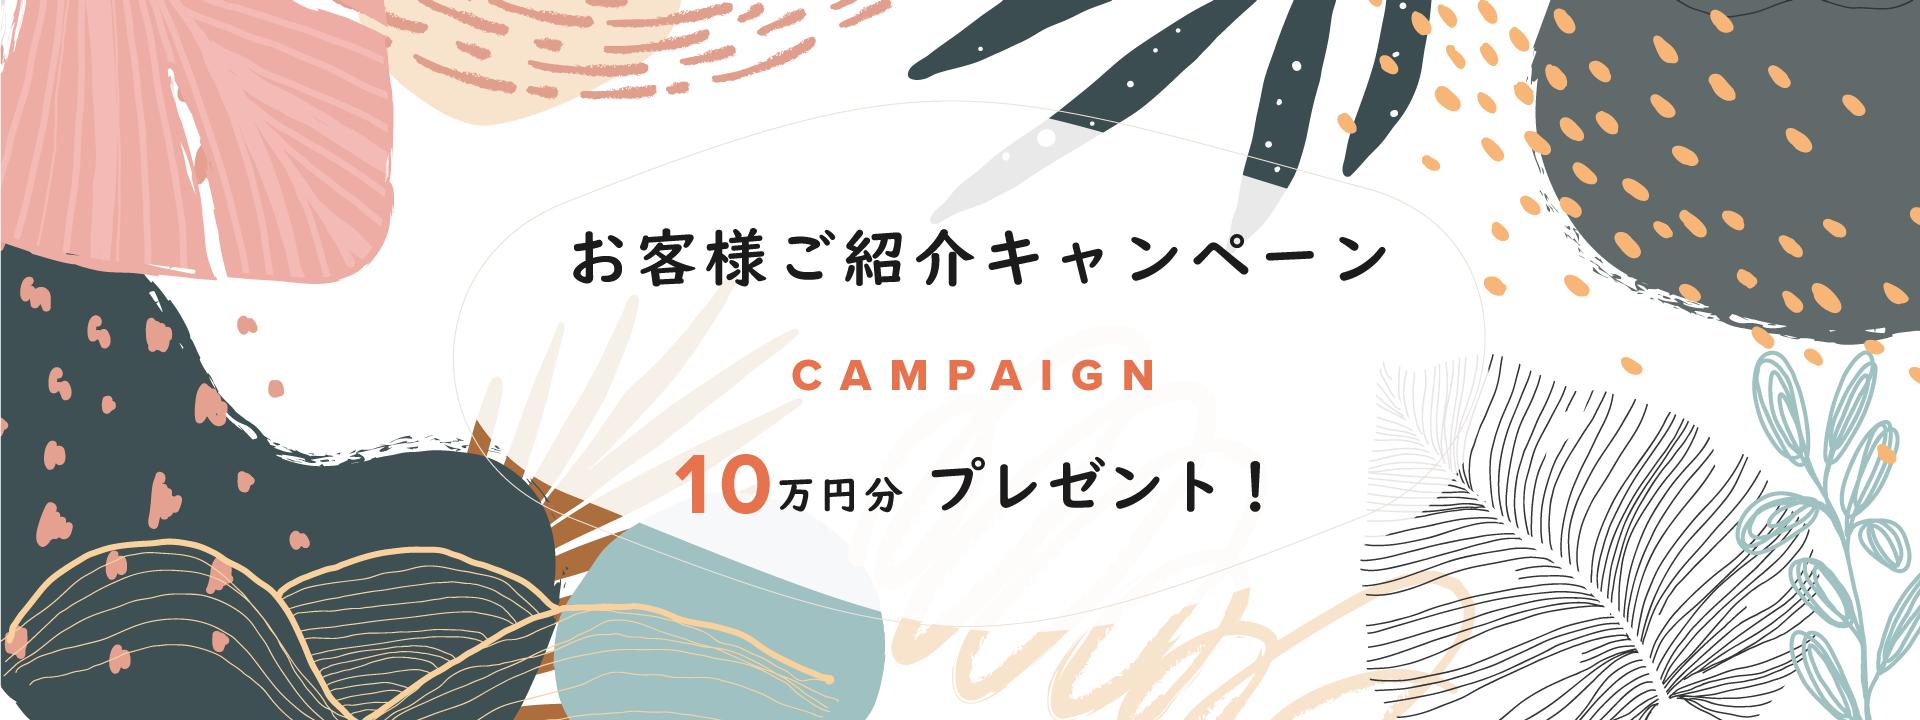 お客様ご紹介キャンペーン10万円プレゼント